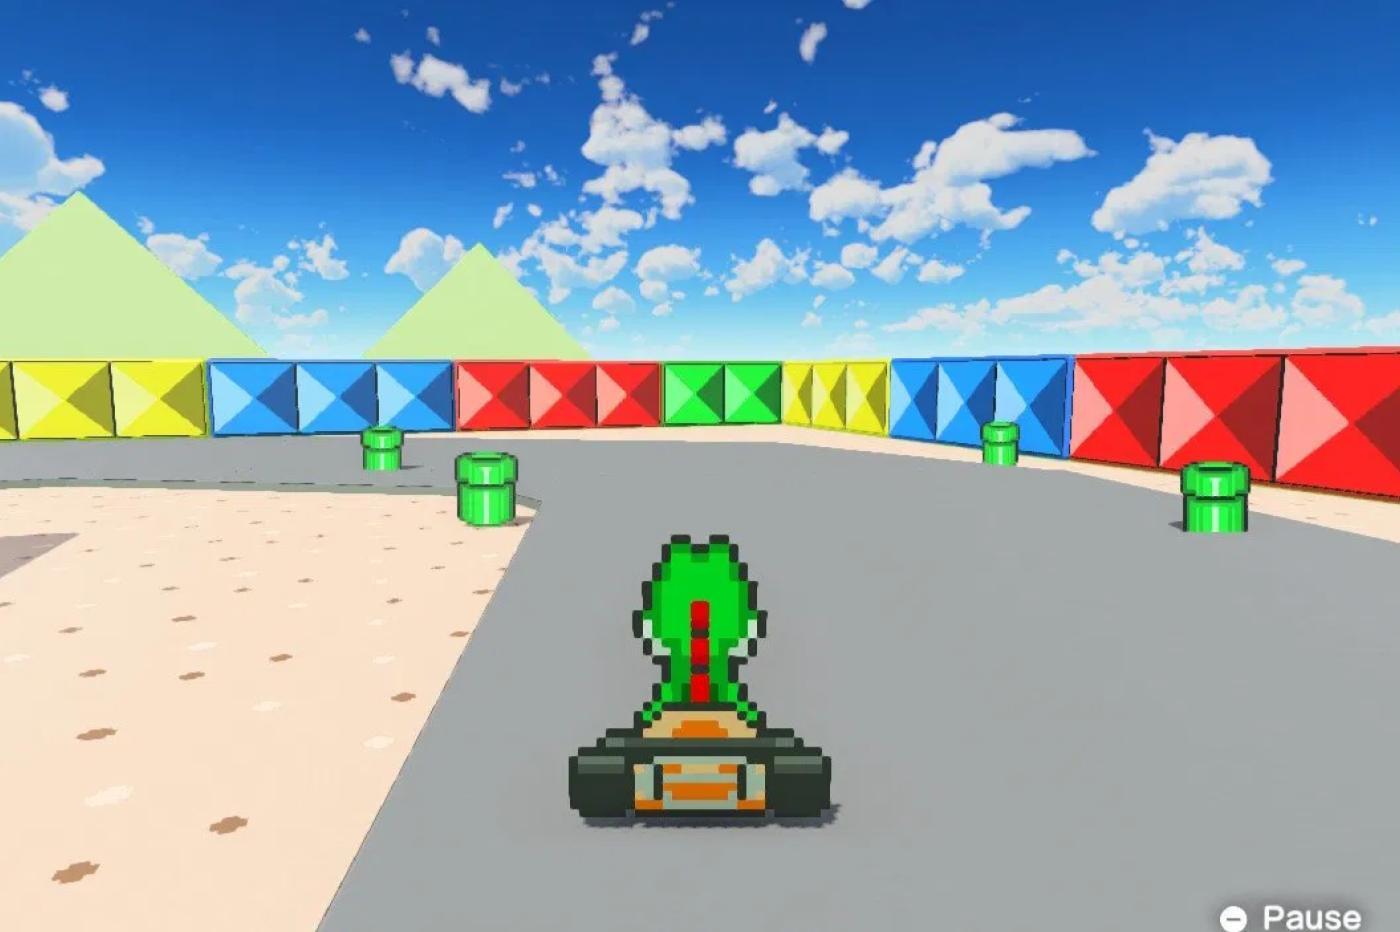 Mario Kart sur L'Atelier du jeu vidéo